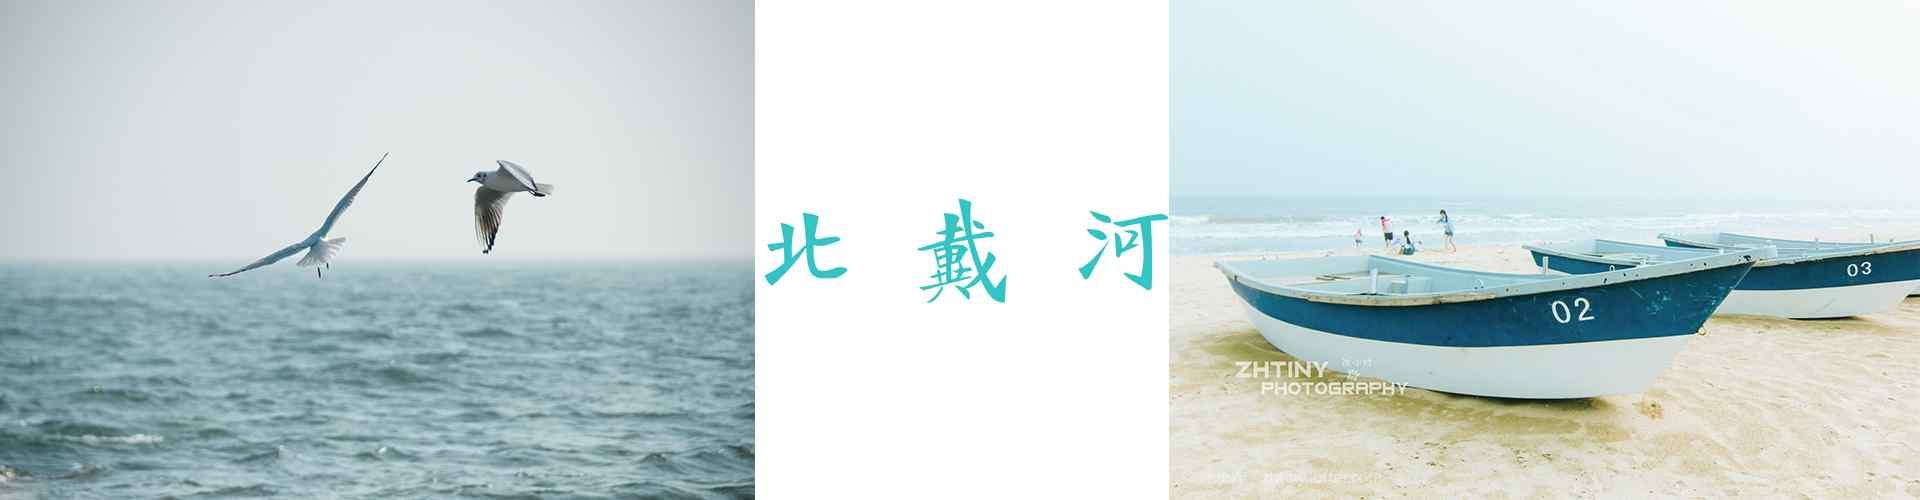 北戴河风景_北戴河图片_秦皇岛北戴河图片_大海风景图片_沙滩美女图片_风景壁纸